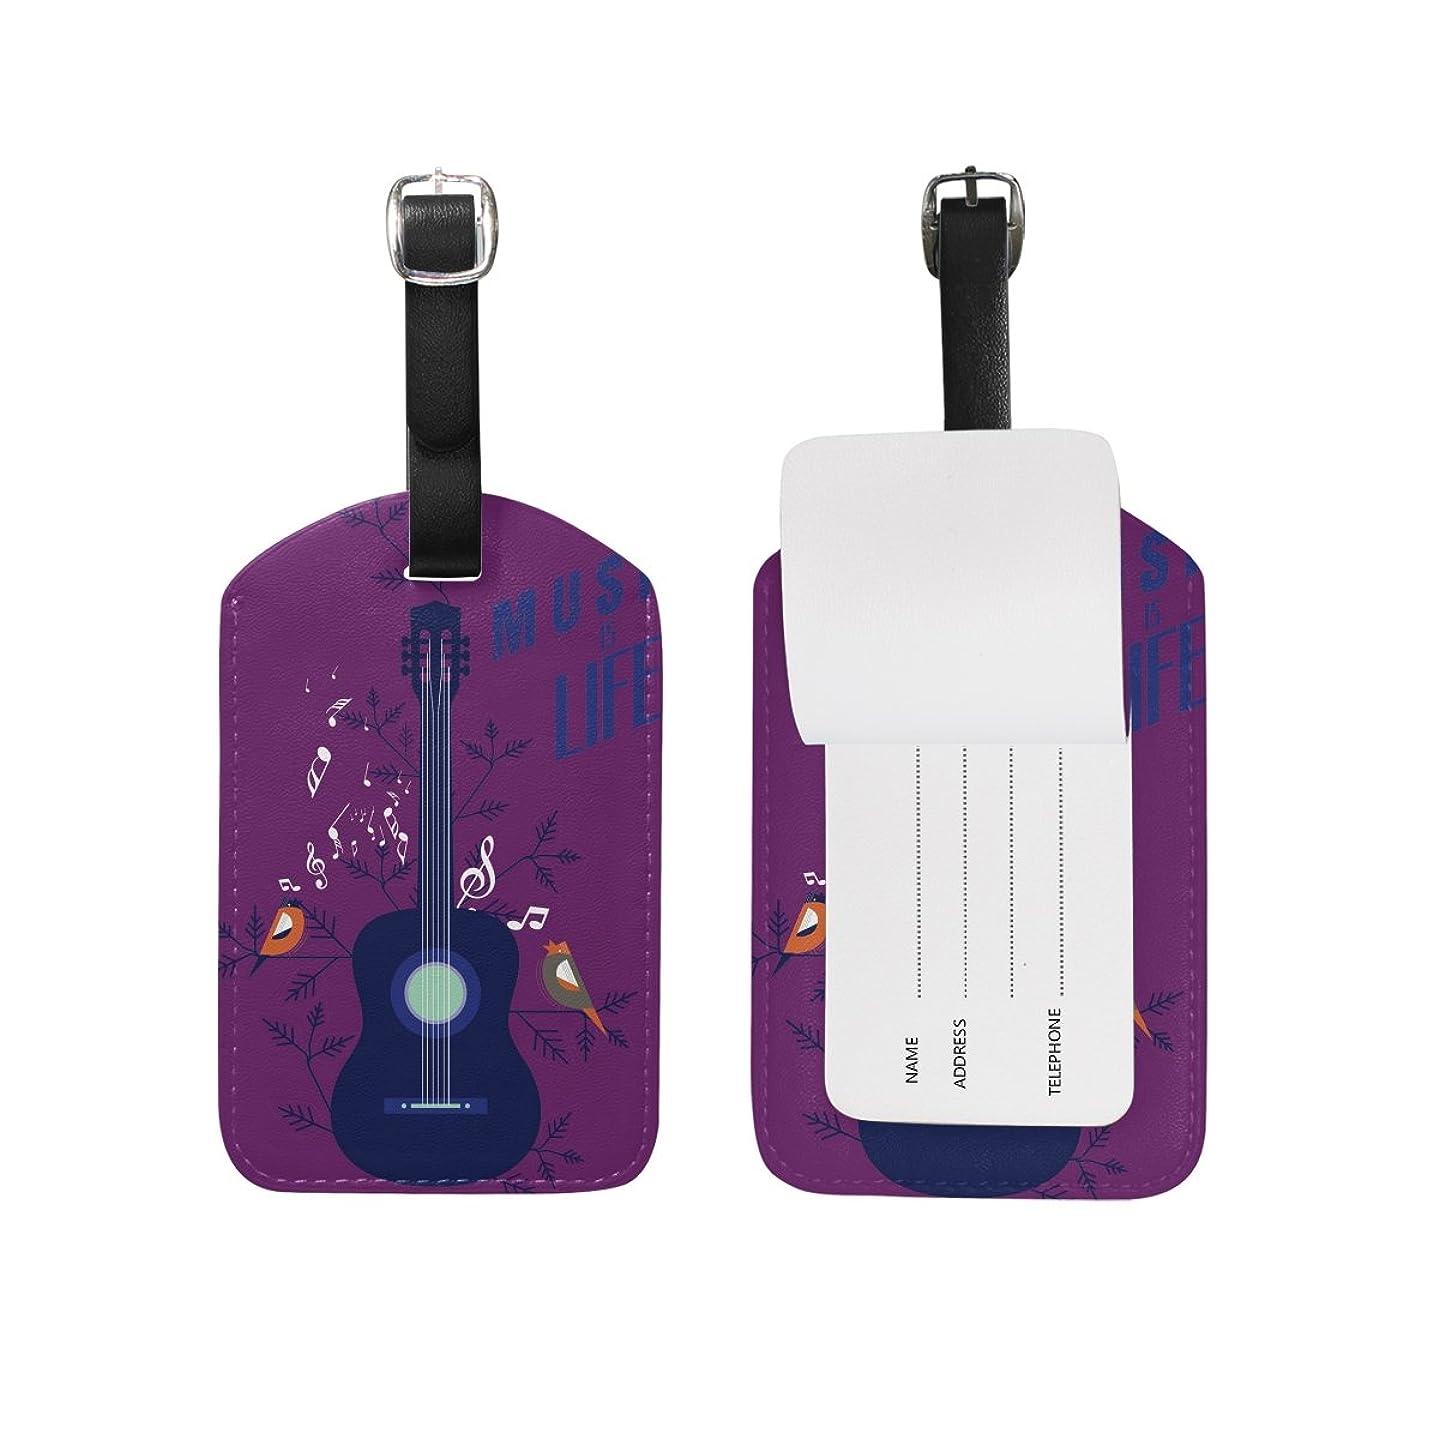 ドラゴンスキルゴールドパープルミュージックギター荷物をトランクラベルリュックサックスーツケース キッズ ジュニアID 旅行用品(2pcs)